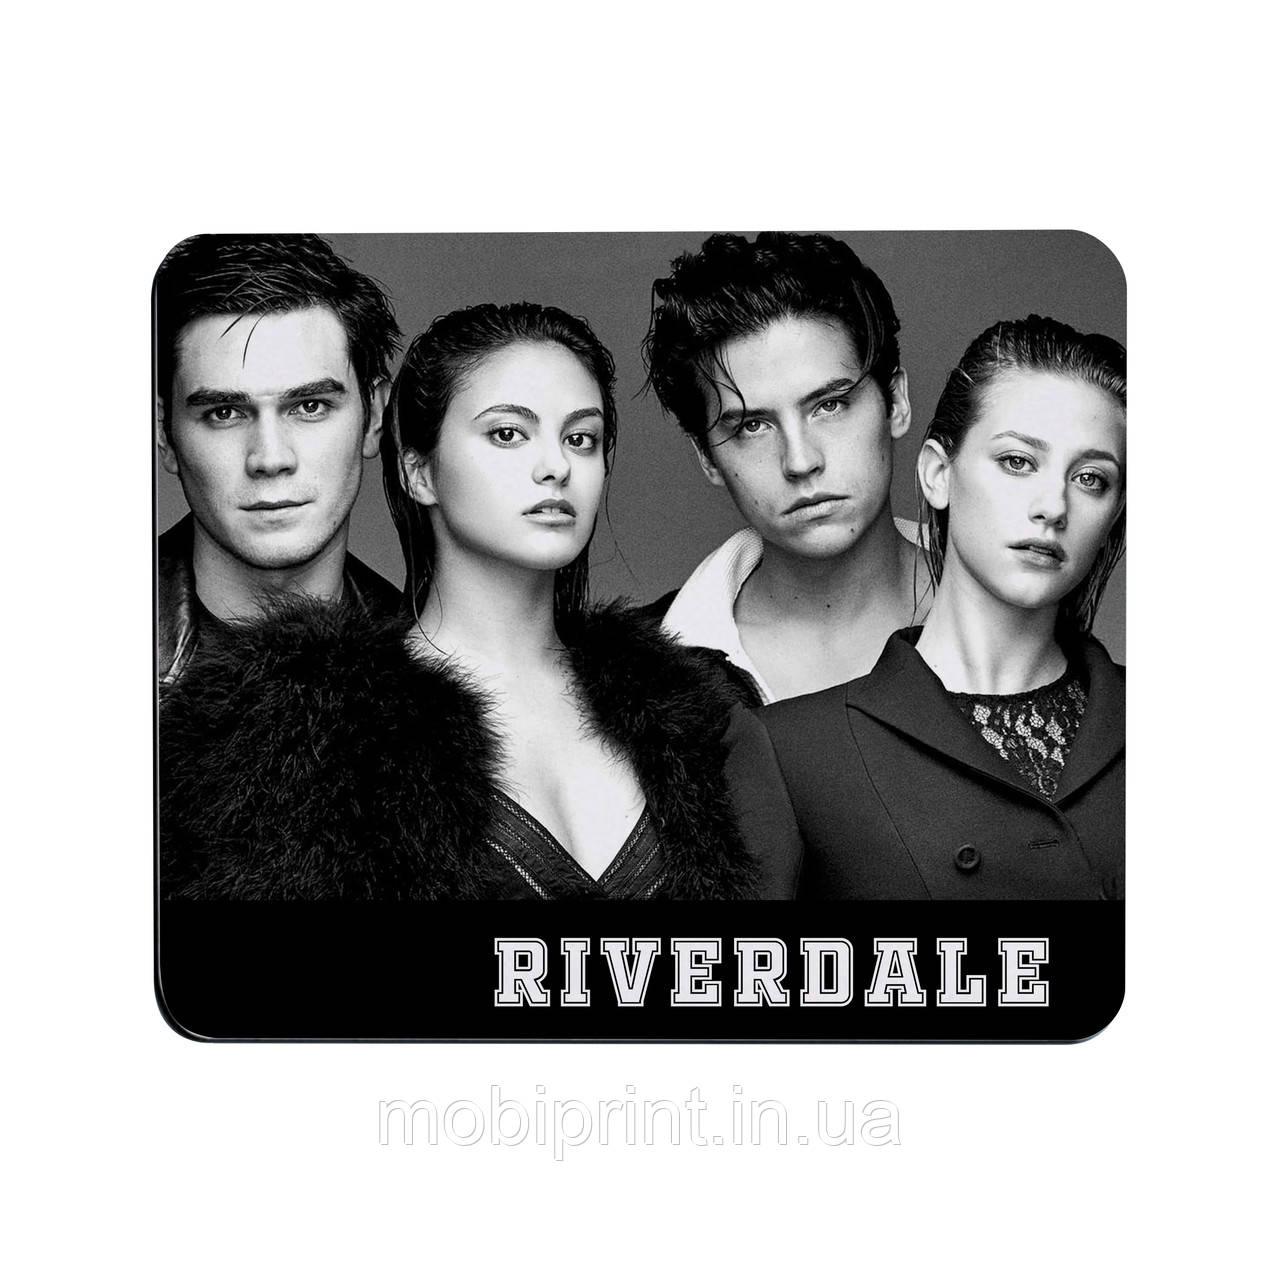 Коврик для мышки Ривердейл (Riverdale)  (25108-1382)